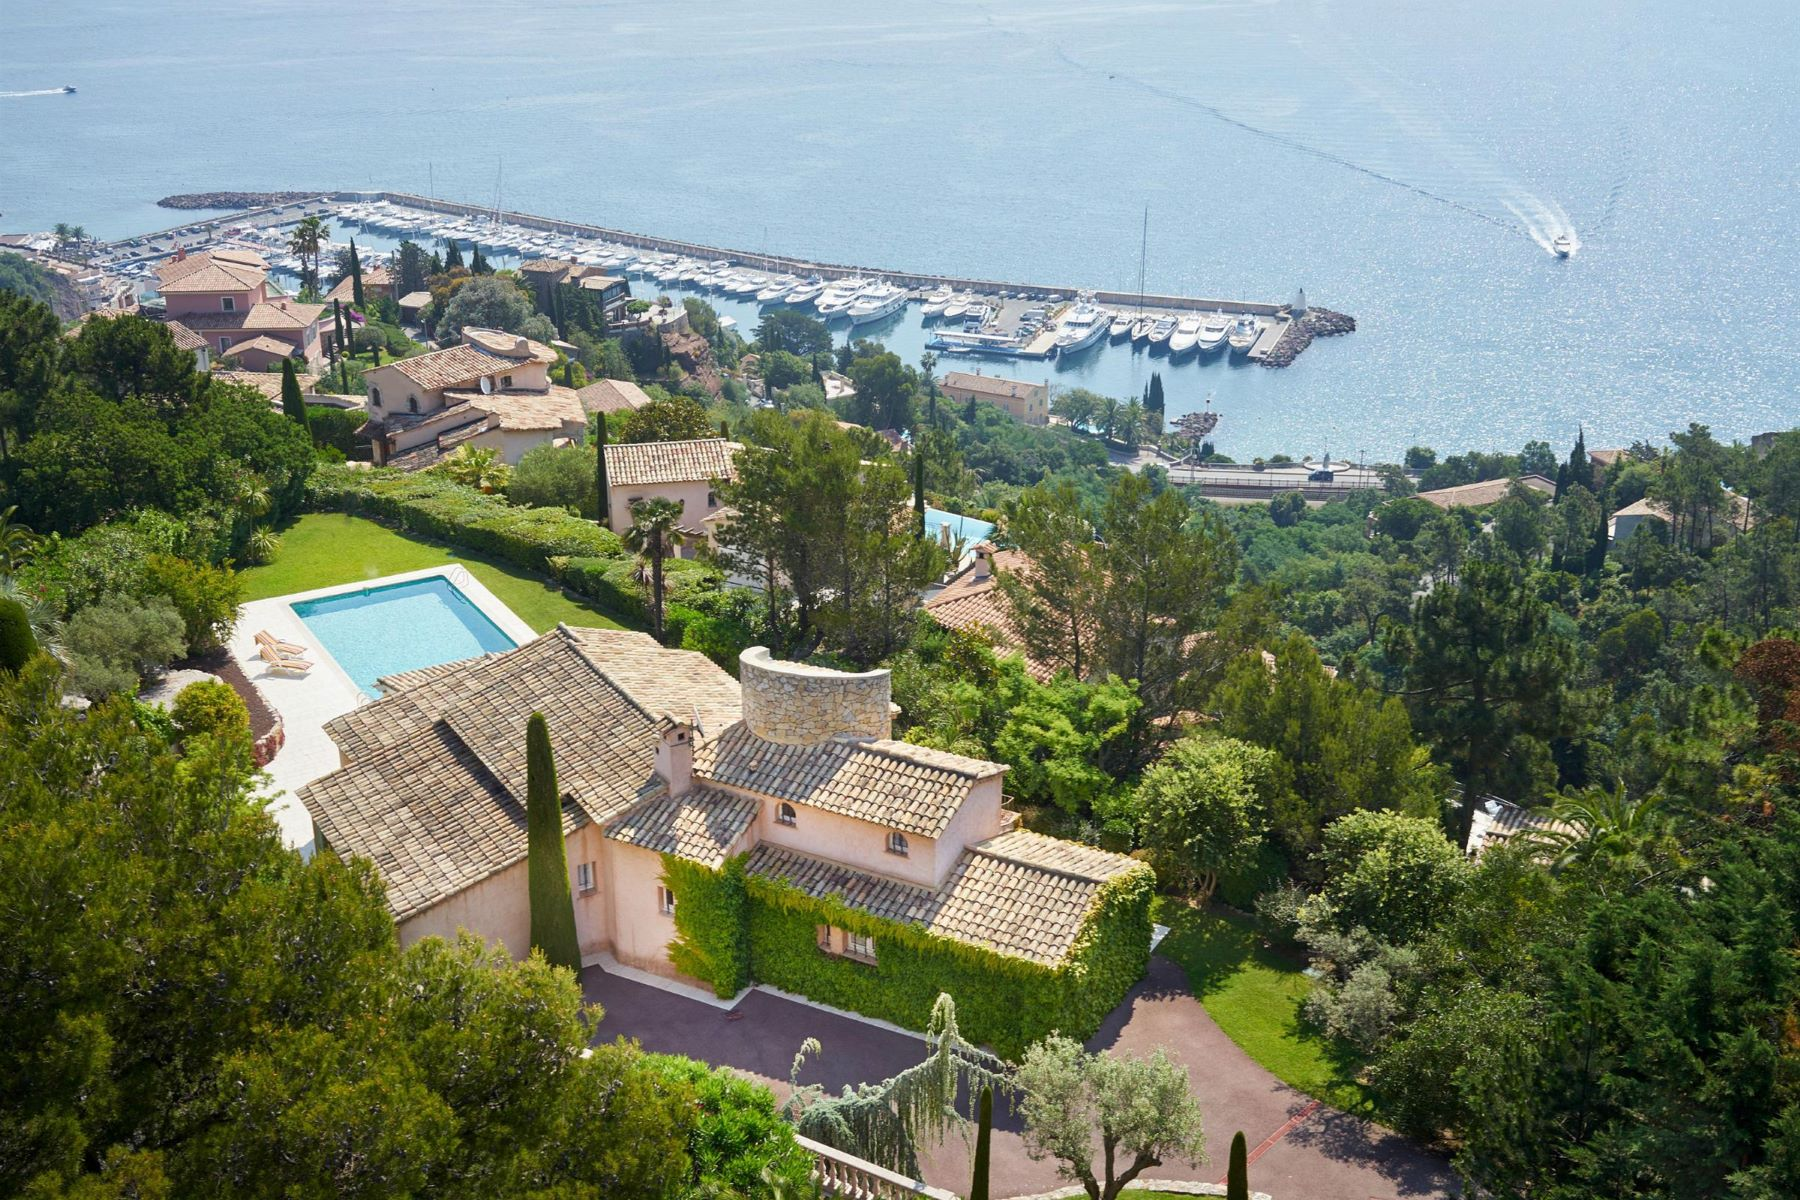 独户住宅 为 销售 在 Wonderful provençal house with panoramic sea views 泰晤勒海湾, 普罗旺斯阿尔卑斯蓝色海岸, 06590 法国